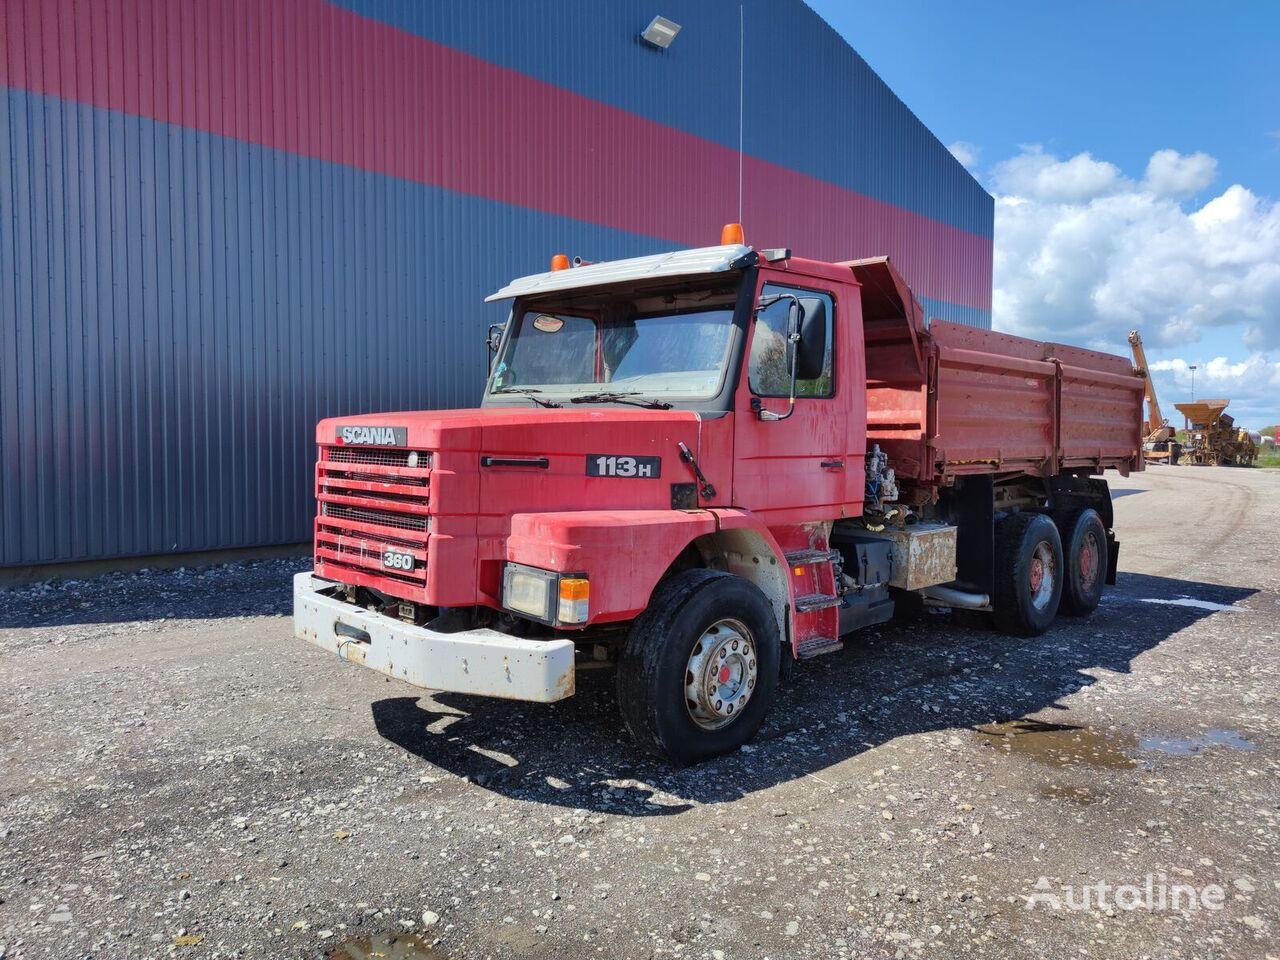 SCANIA 113H 360 dump truck